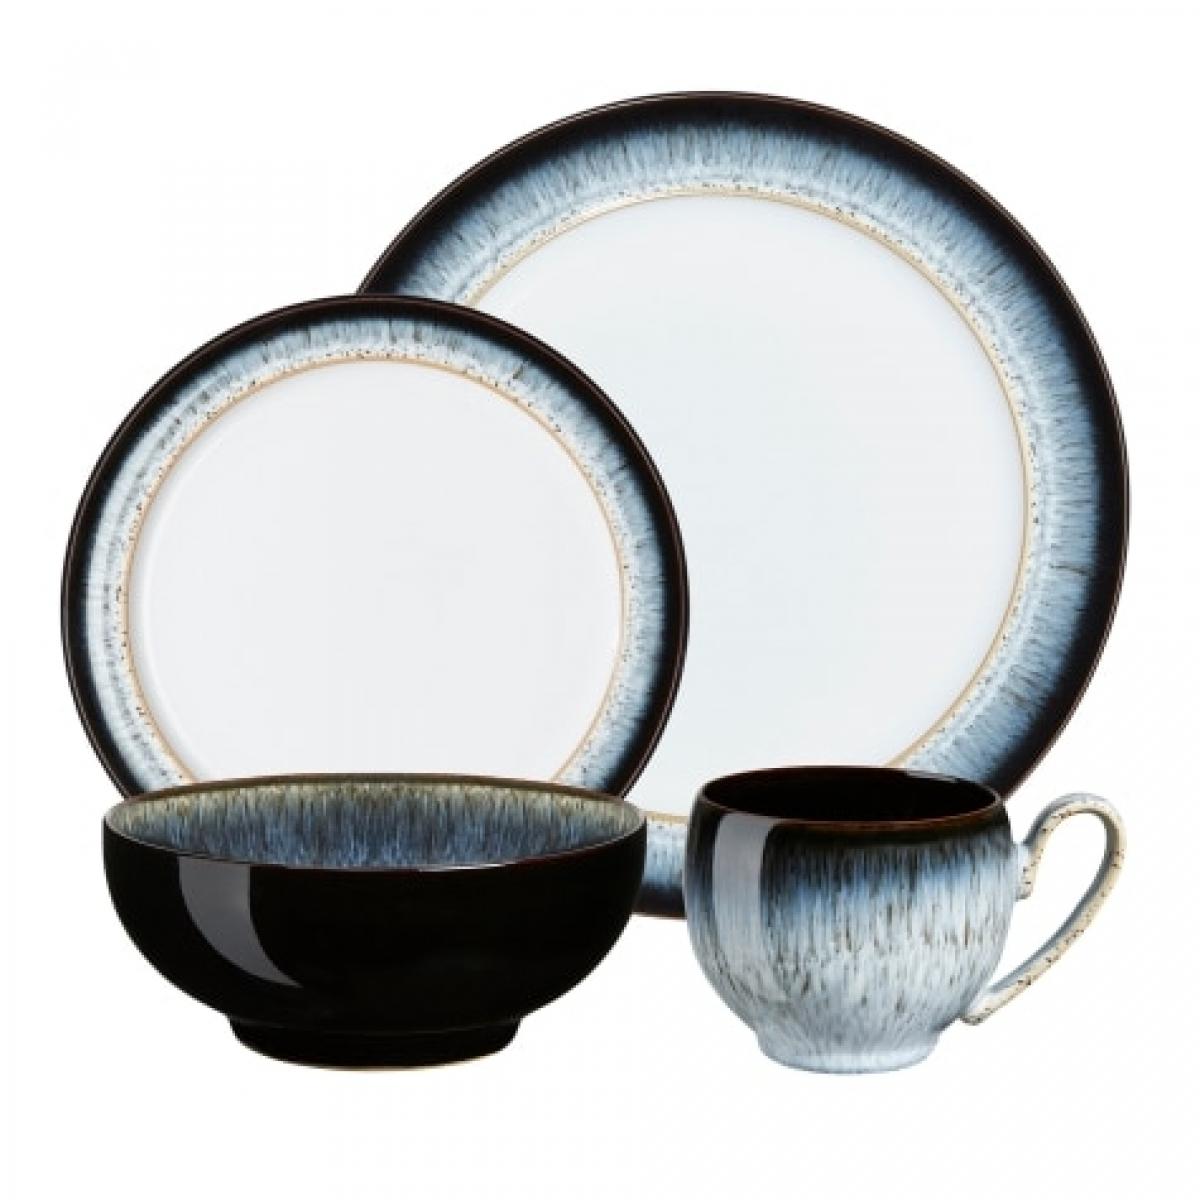 Сервиз чайно-столовый СИЯНИЕ от Denby